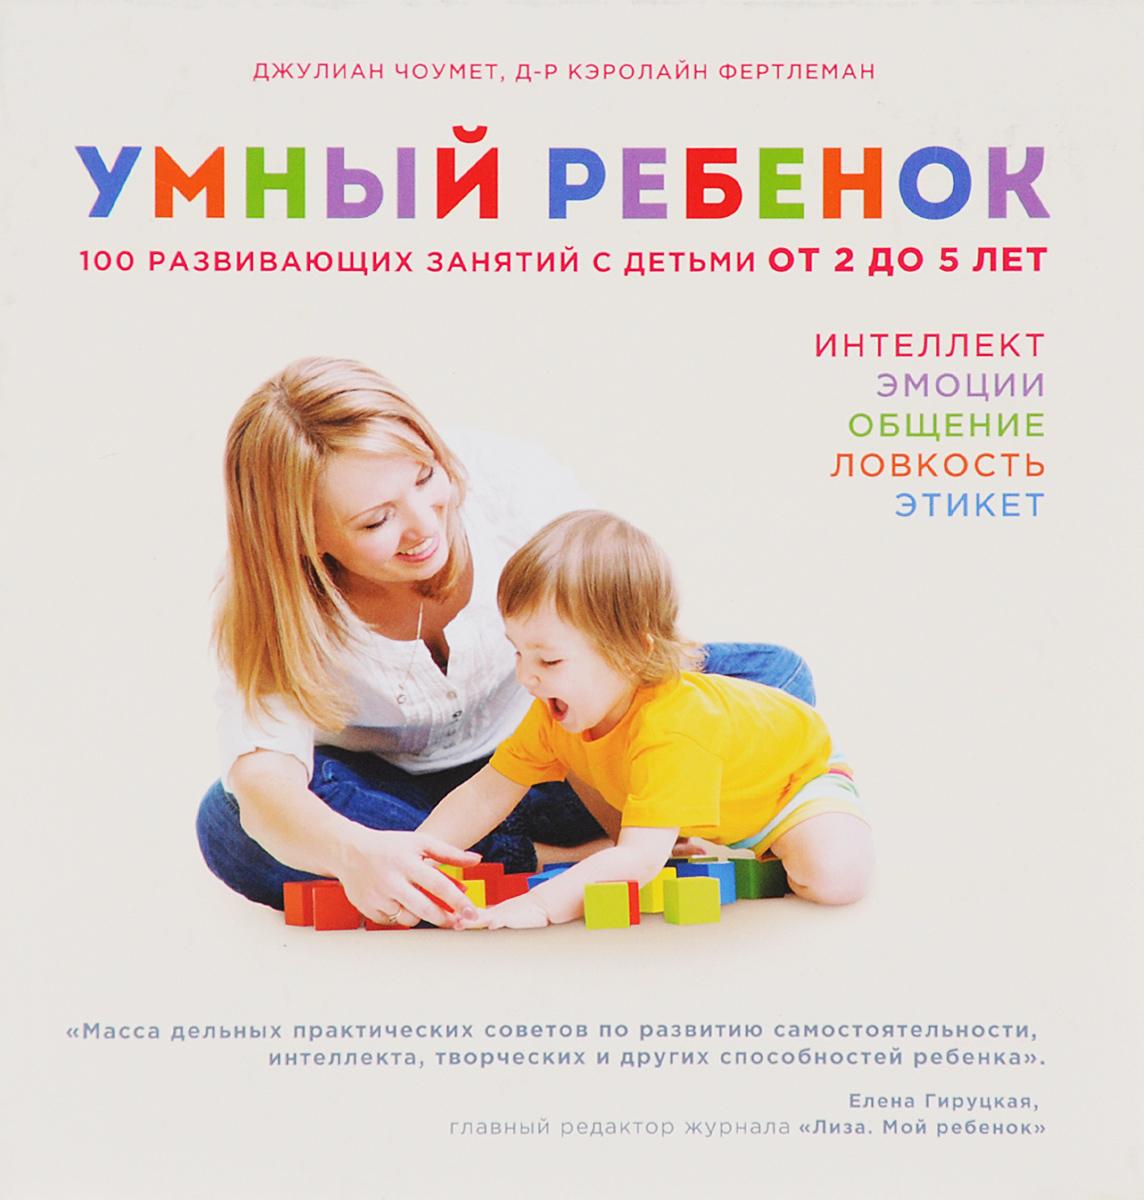 Умный ребенок. 100 развивающих занятий с детьми от 2 до 5 лет12296407Возраст от 2 до 5 лет - очень значимый в развитии ребенка, в этот период он усвоит половину из того, что когда-либо узнает. Заниматься с ним становится интереснее, игры делаются более разнообразными. В этой прекрасно иллюстрированной книге вы найдете много идей по разностороннему развитию малыша. Например, игры, поощряющие к самостоятельности (пазлы, кубики) или стимулирующие подключиться к вашим занятиям (помочь в приготовлении обеда, вместе пойти в магазин). Отдельное внимание уделяется играм, развивающим навыки чтения, письма, мелкую моторику, дающим знания об окружающем мире. Примечательно, что все игры занимают не более 15-20 минут и не требуют больших финансовых вложений. Ребенок развивается самым естественным путем - в игре и общении с родителями.